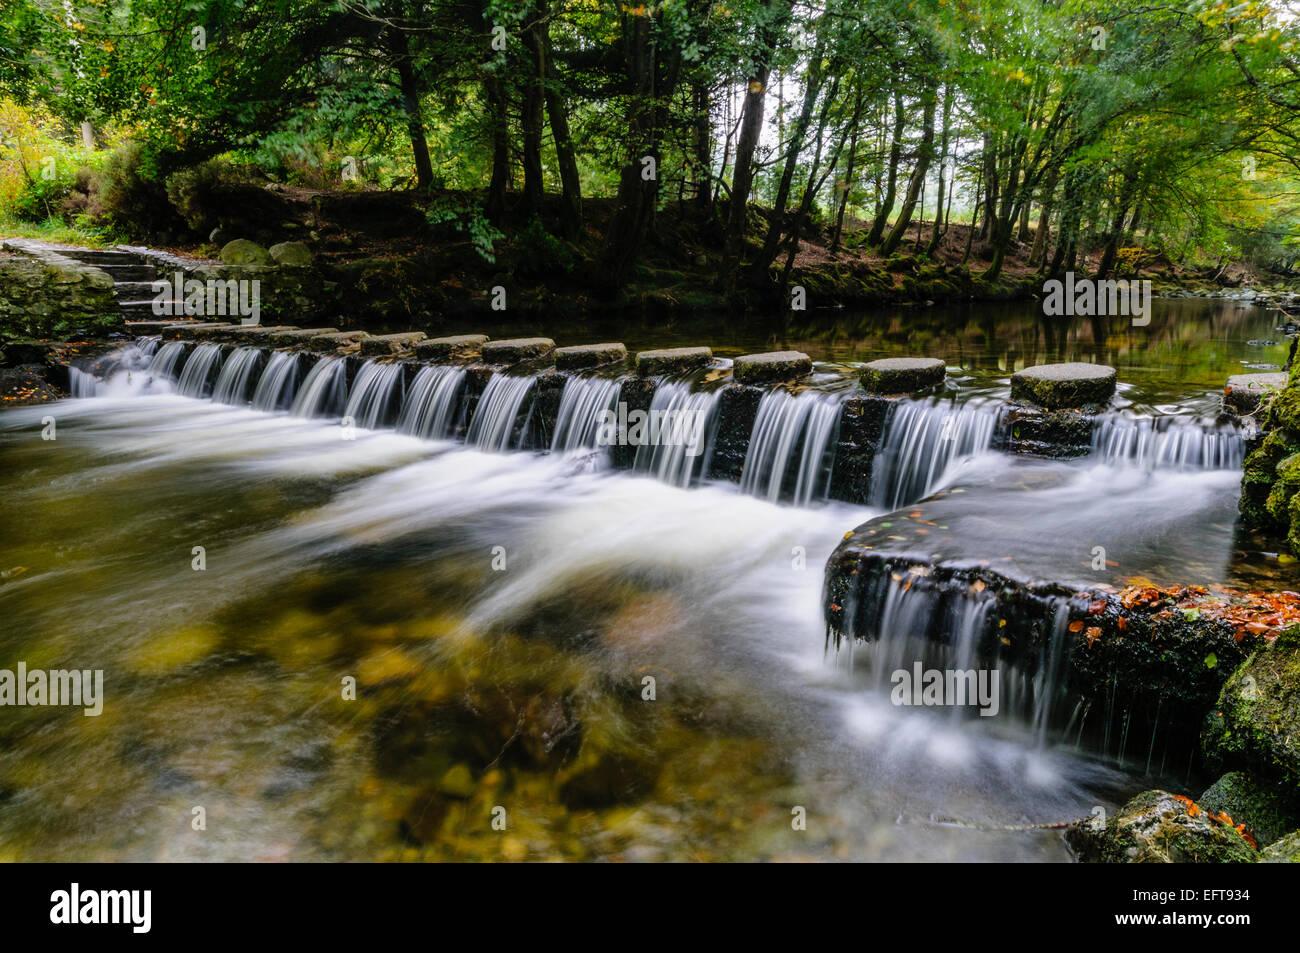 Durante el Shimna Stepping Stones River, Newcastle, las montañas de Mourne, Irlanda del Norte, que consistió en una serie de escenas de Juego de Tronos Foto de stock